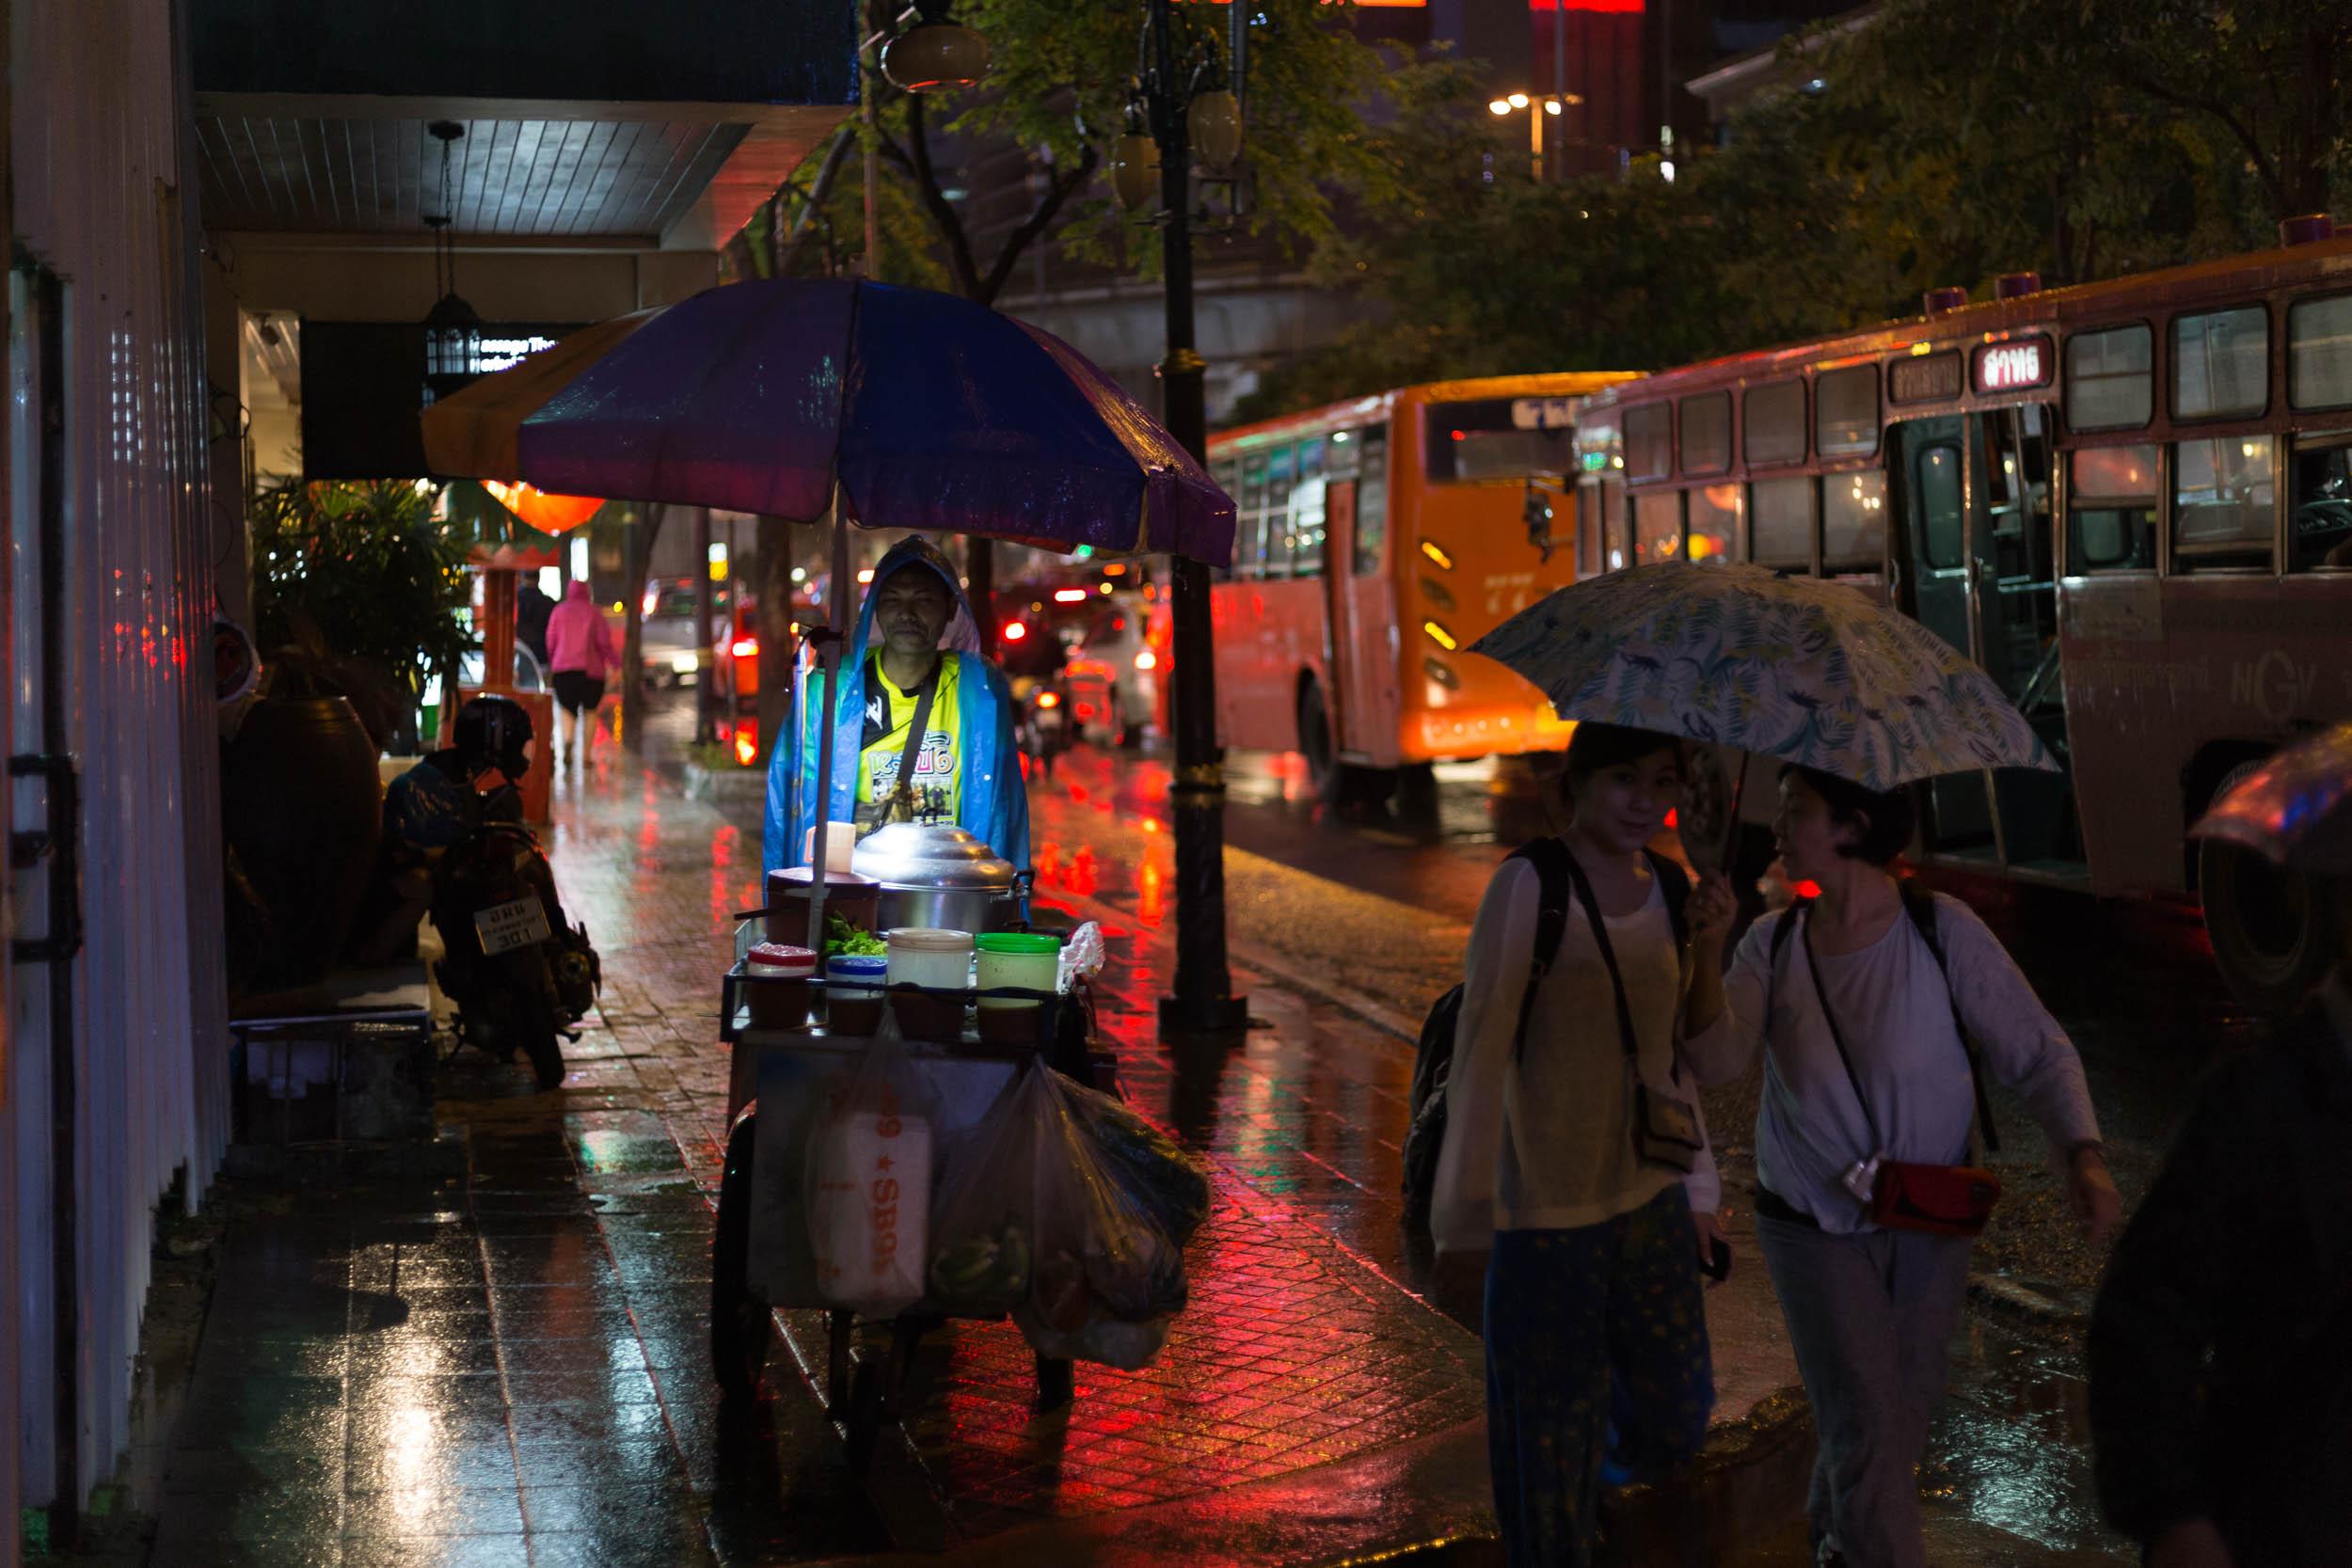 Thai Street Vendor at Night.